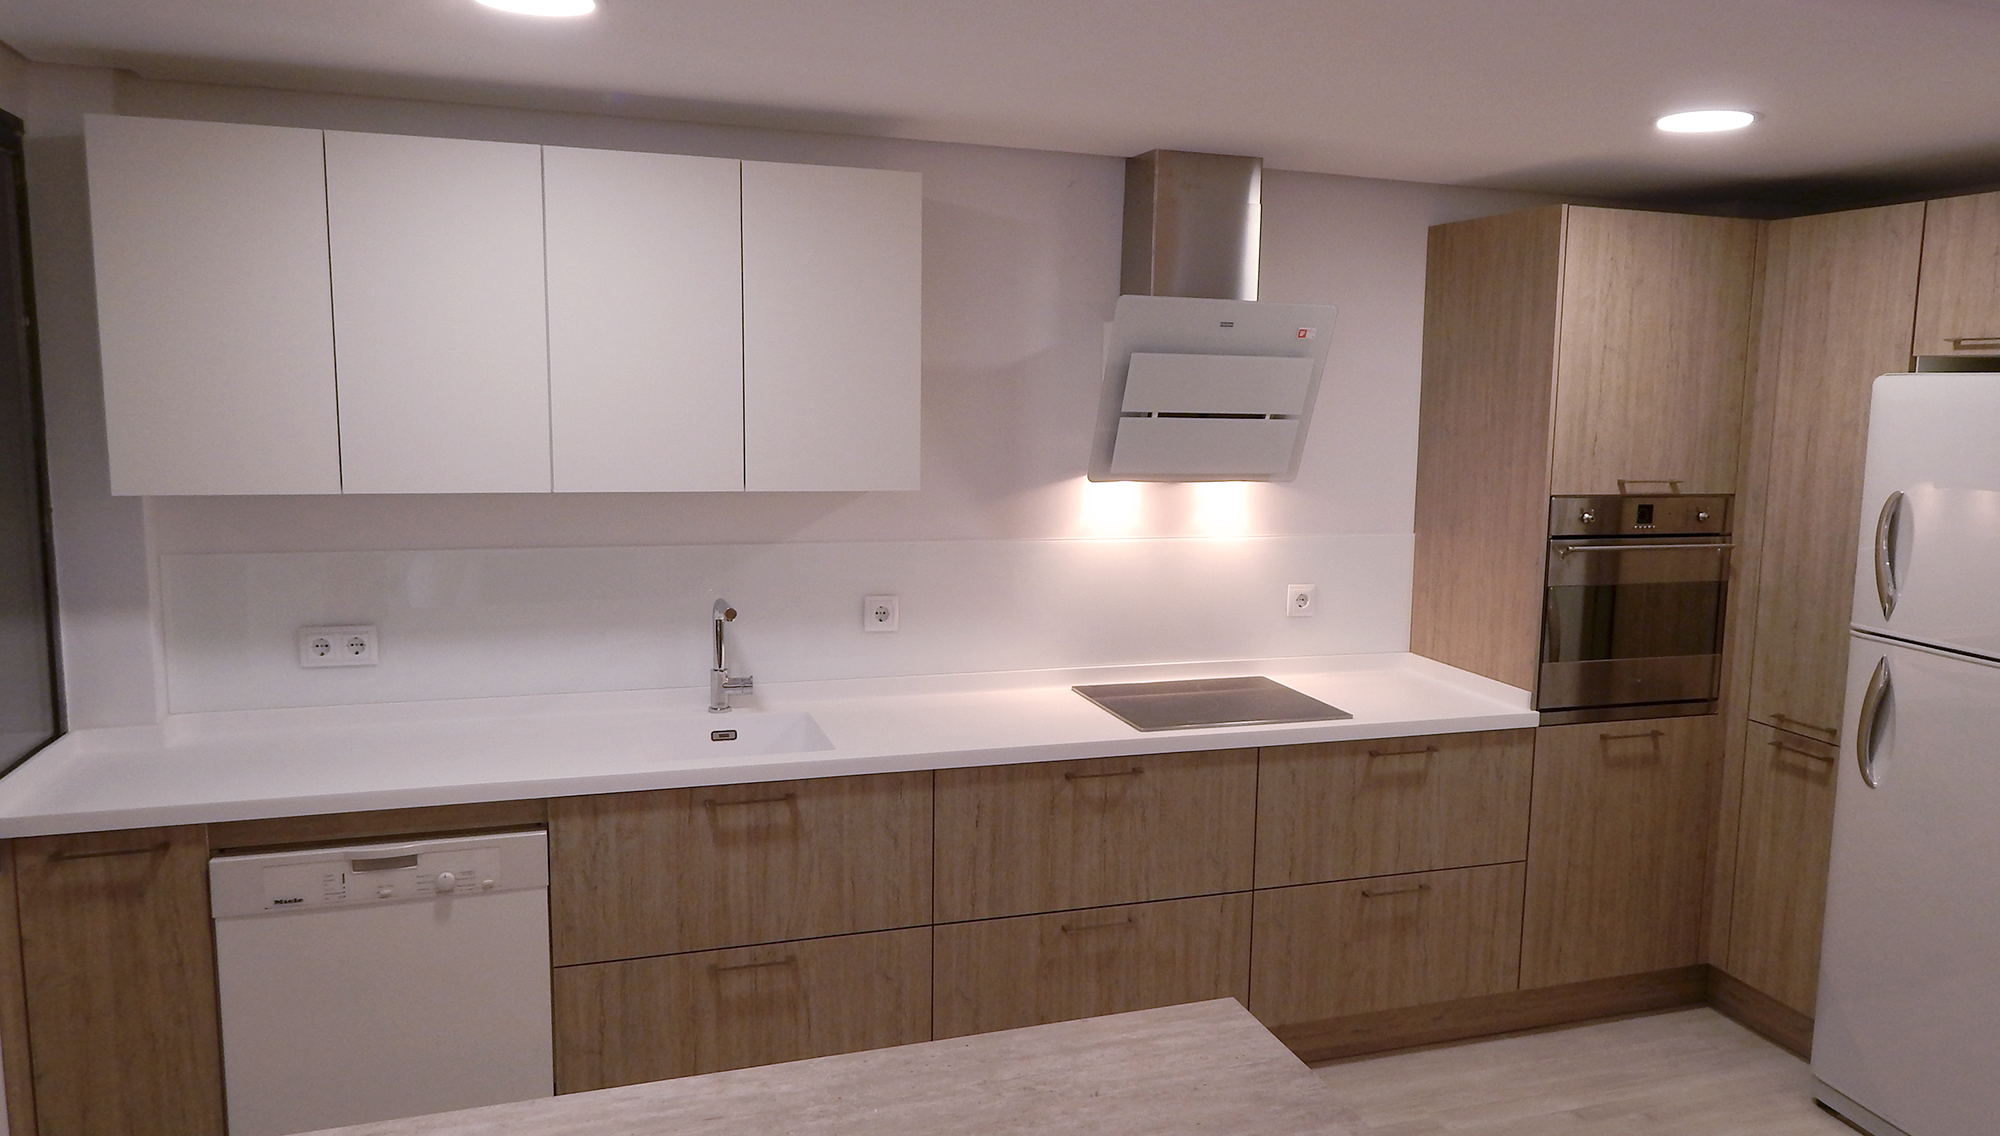 Muebles De Cocina En Color Blanco Affordable Muebles De Cocina En  ~ Limpiar Muebles De Cocina De Formica Mate